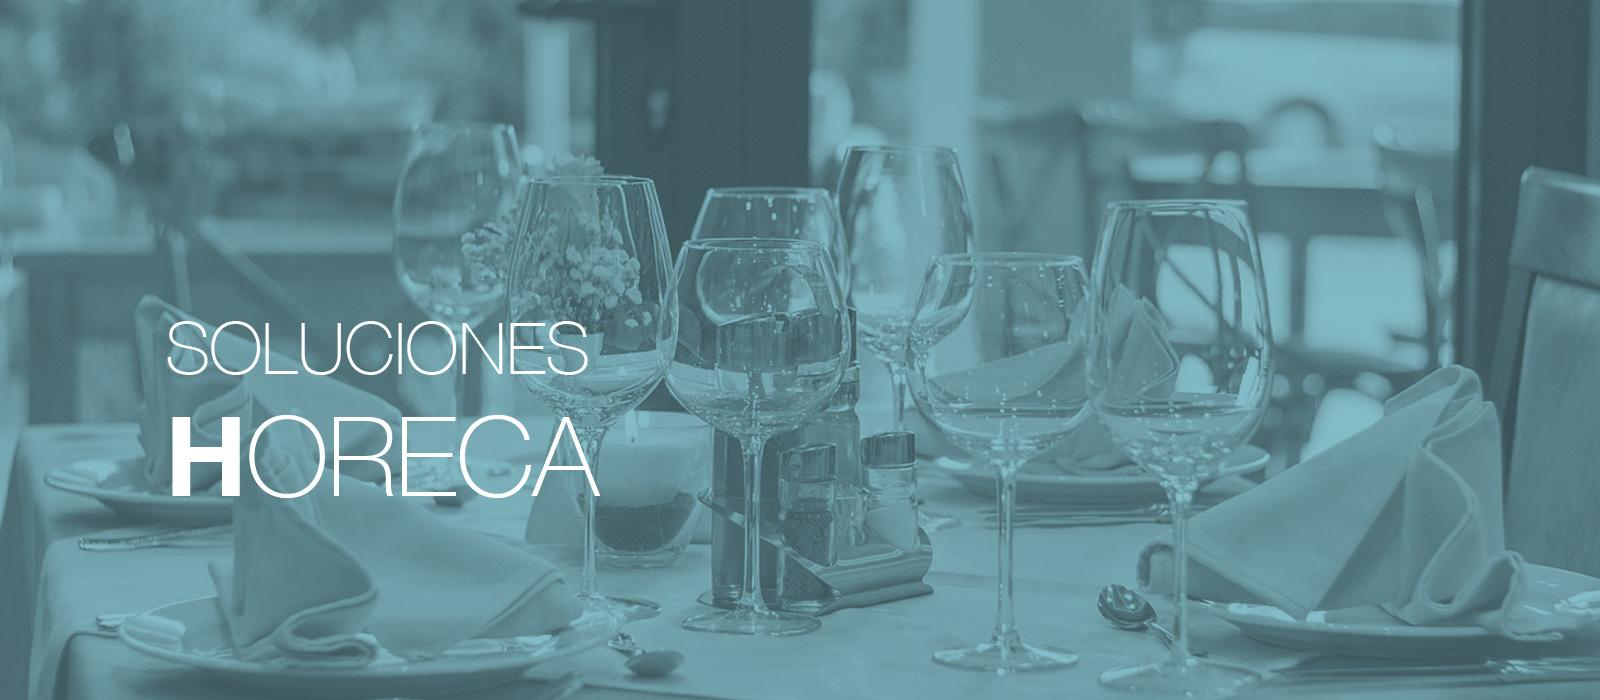 Soluciones HORECA. Modernización restaurantes innovadores